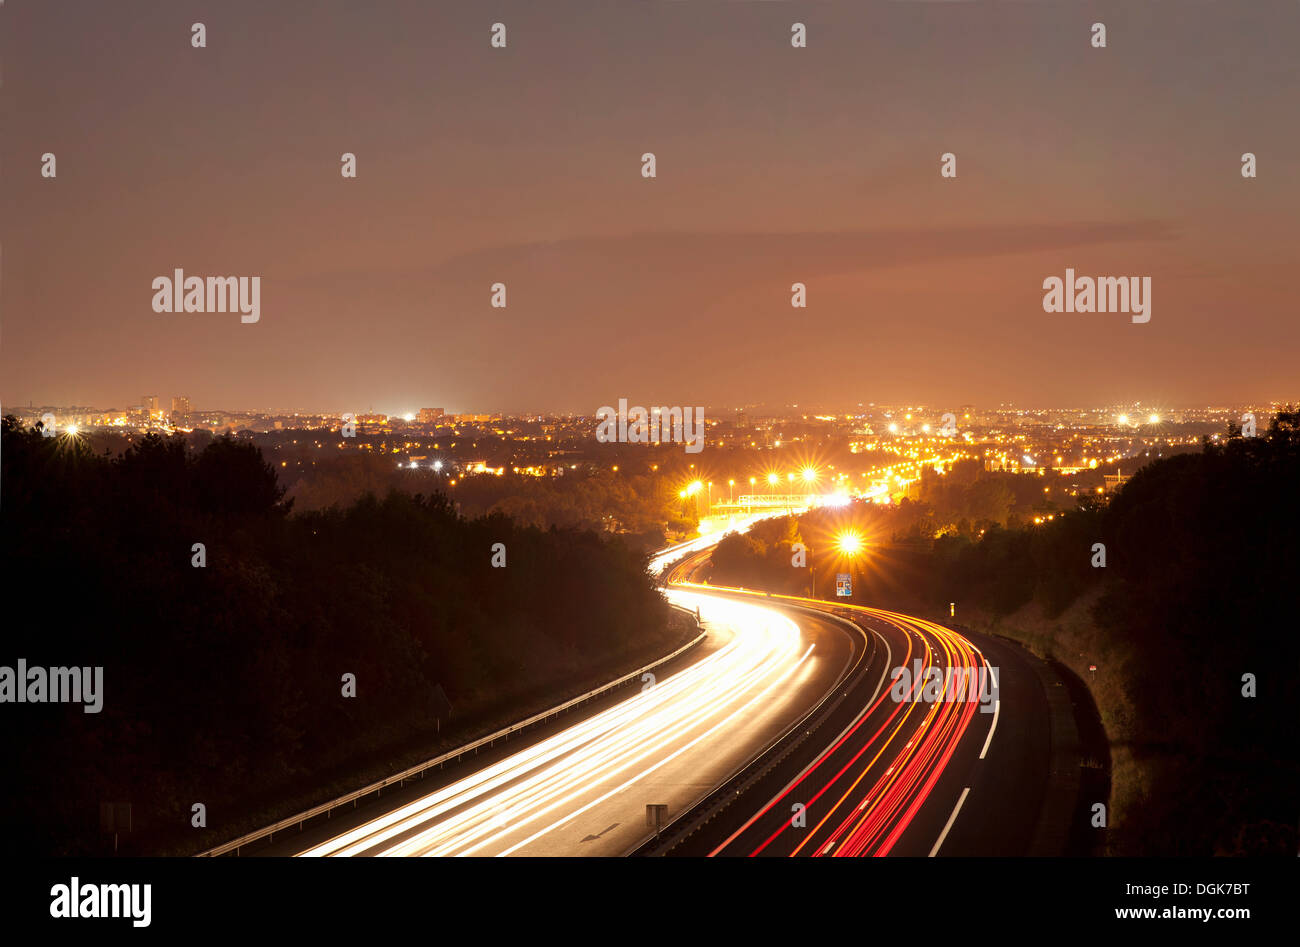 El tráfico en carretera por la noche en Toulouse, Francia Imagen De Stock